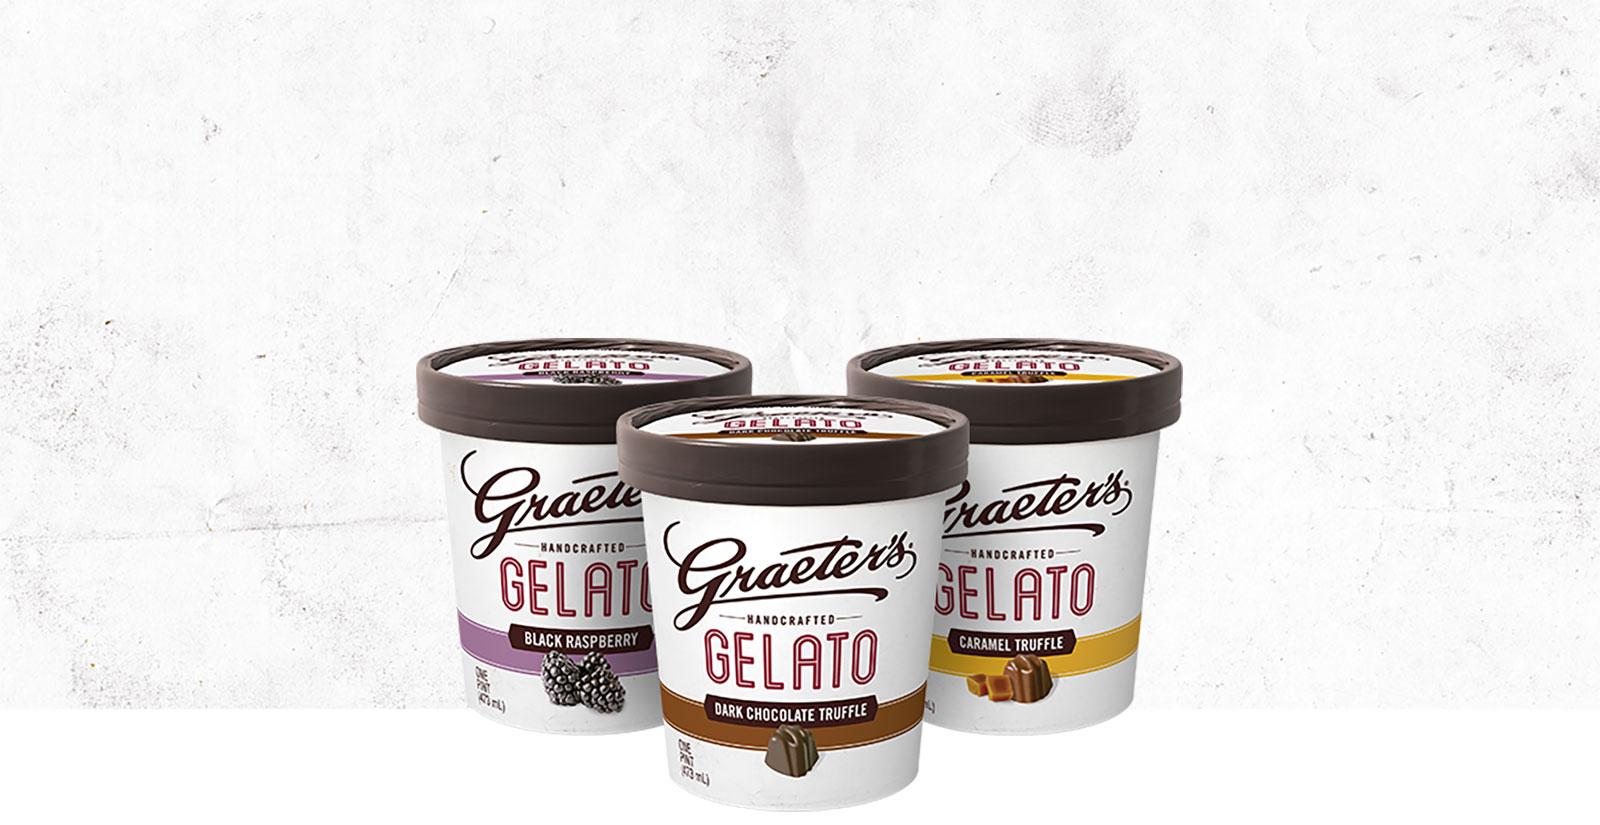 Graeter's Gelato